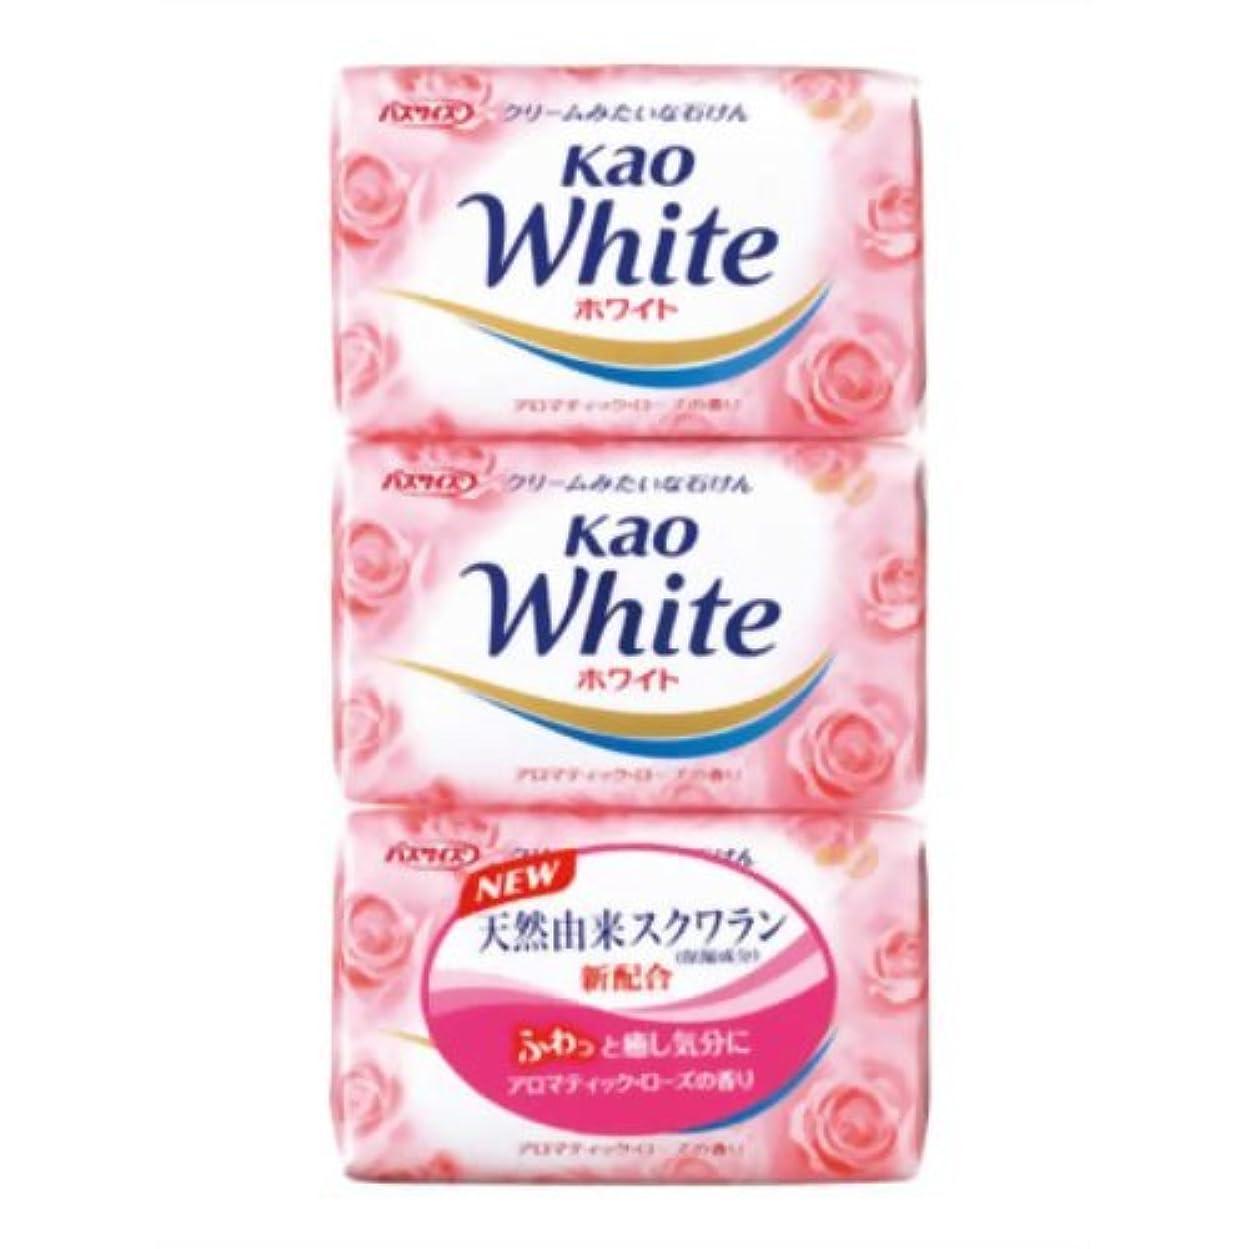 母音ウサギ家畜花王ホワイト アロマティックローズの香り バスサイズ 130g*3個入